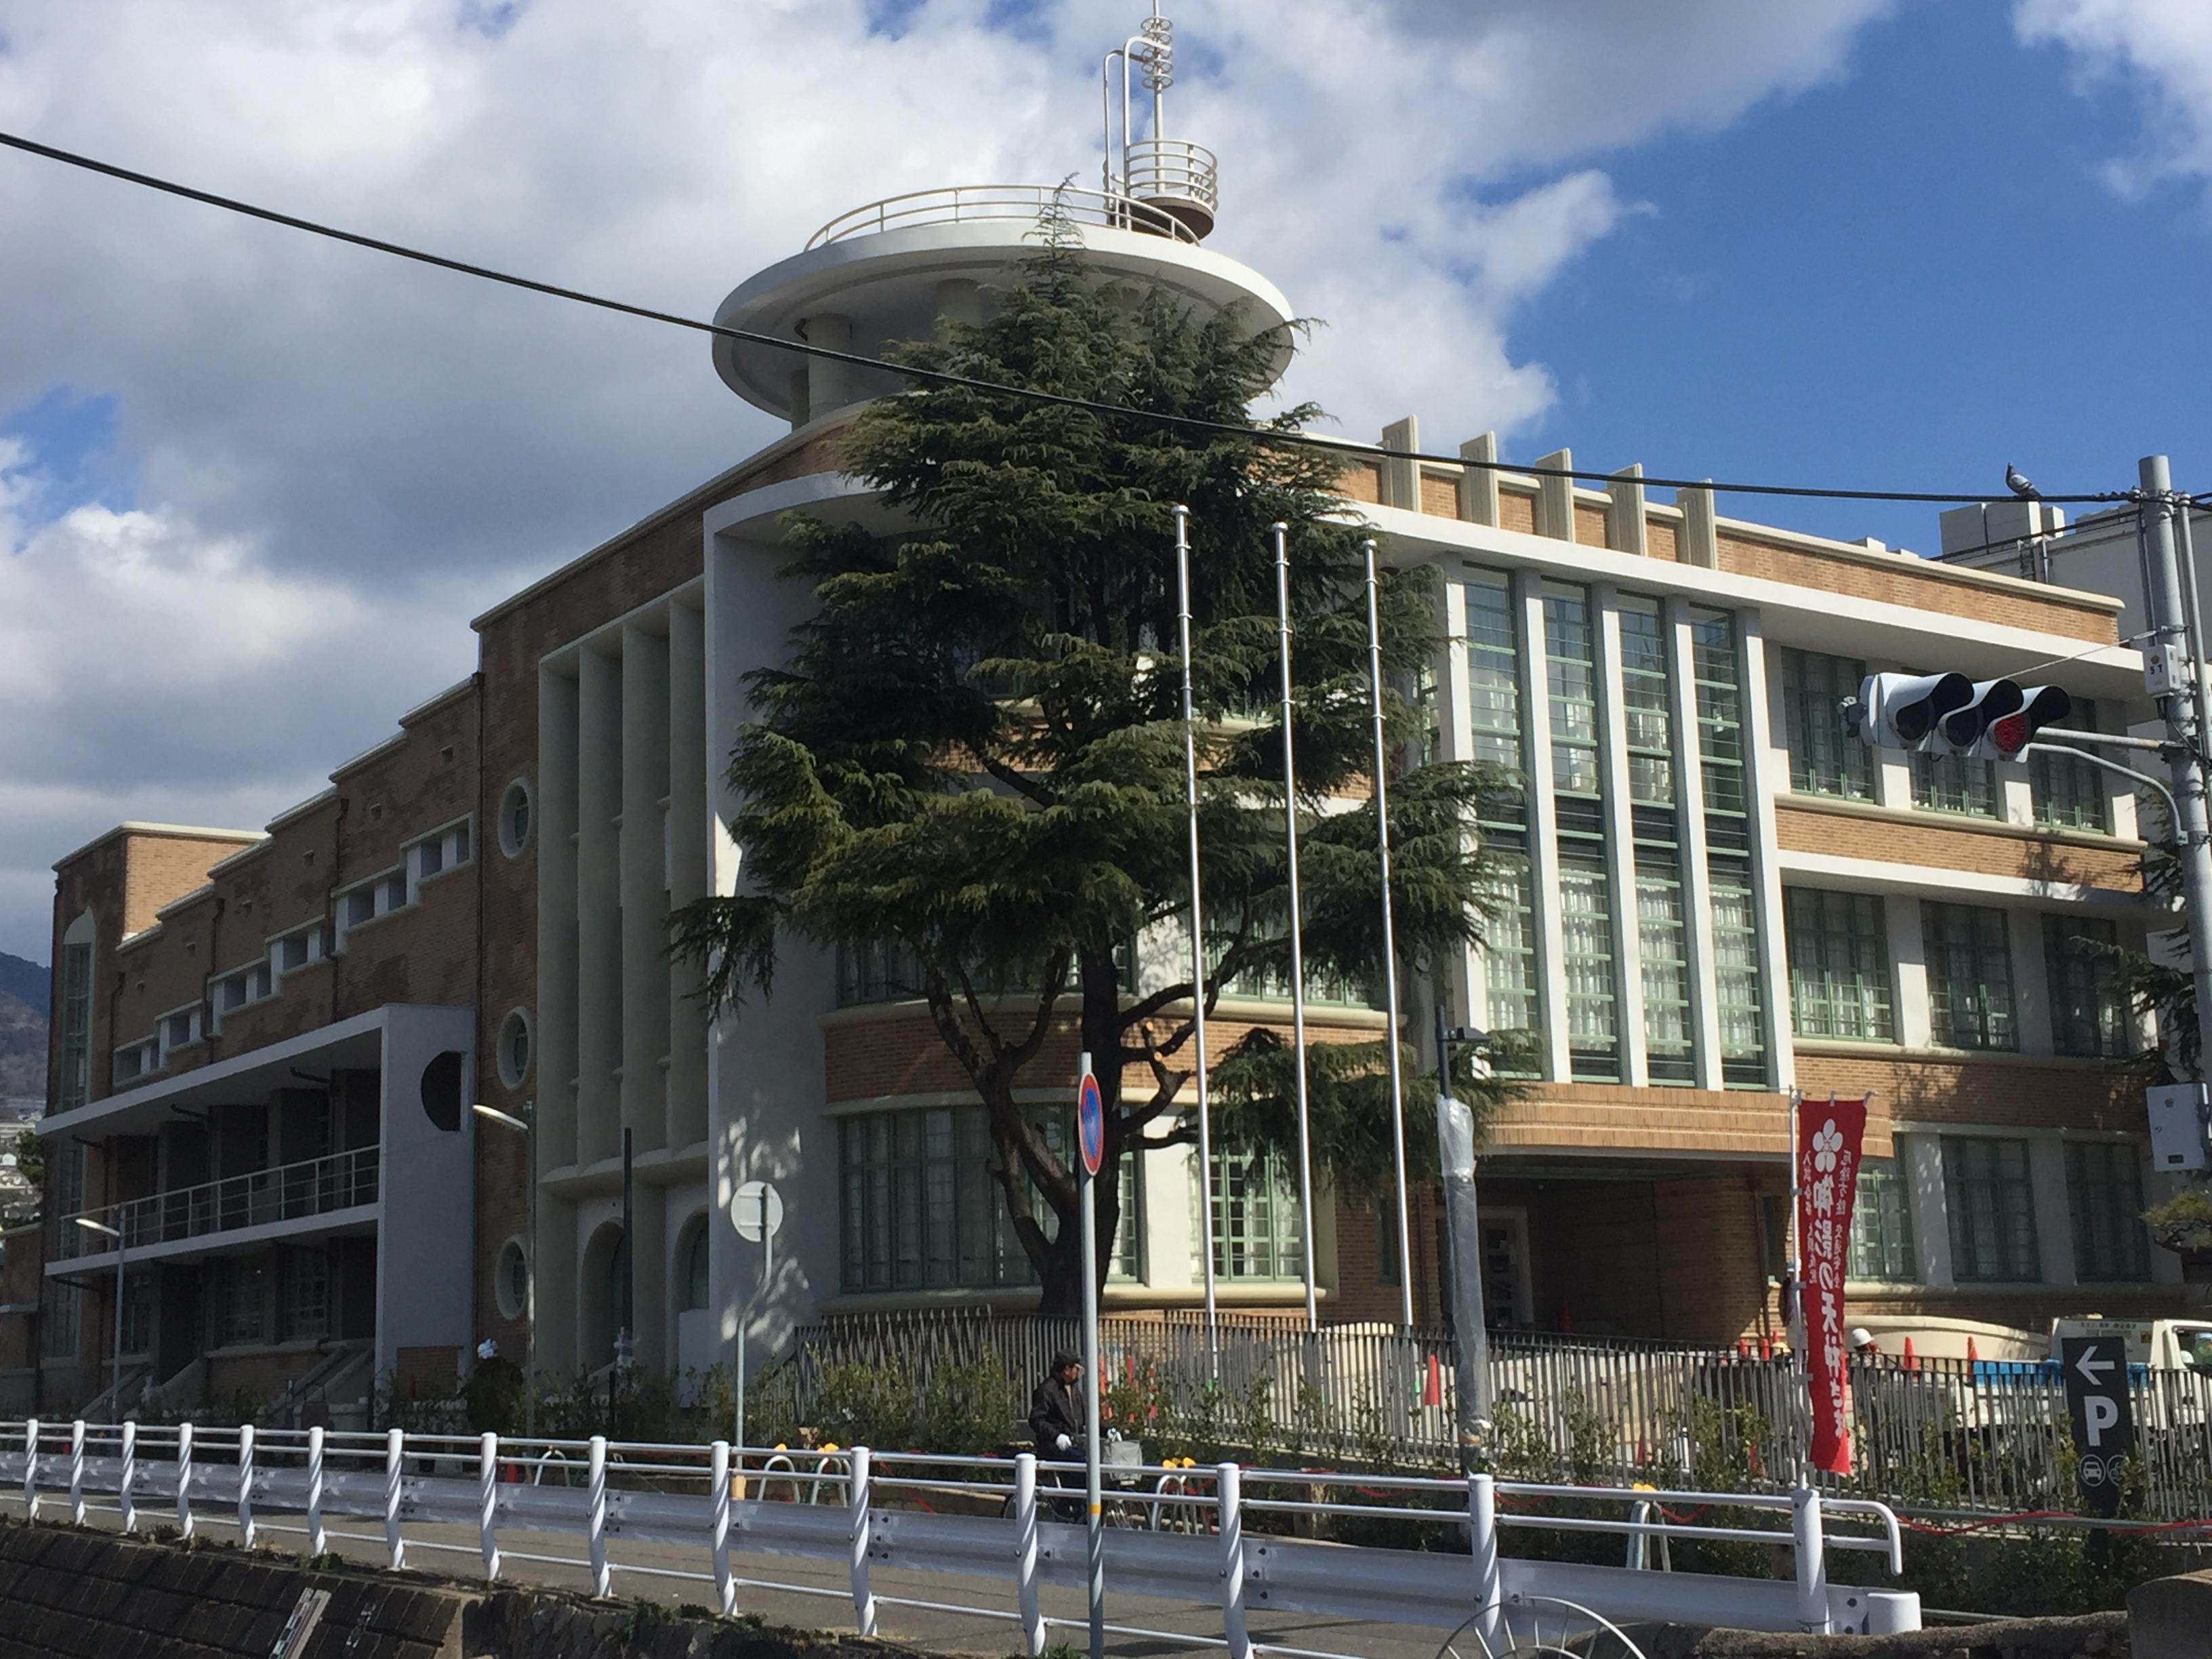 神戸・御影公会堂の美しい外観をフライングでご紹介!【※改修工事終了オープンは4月、その前に写真でどうぞ】